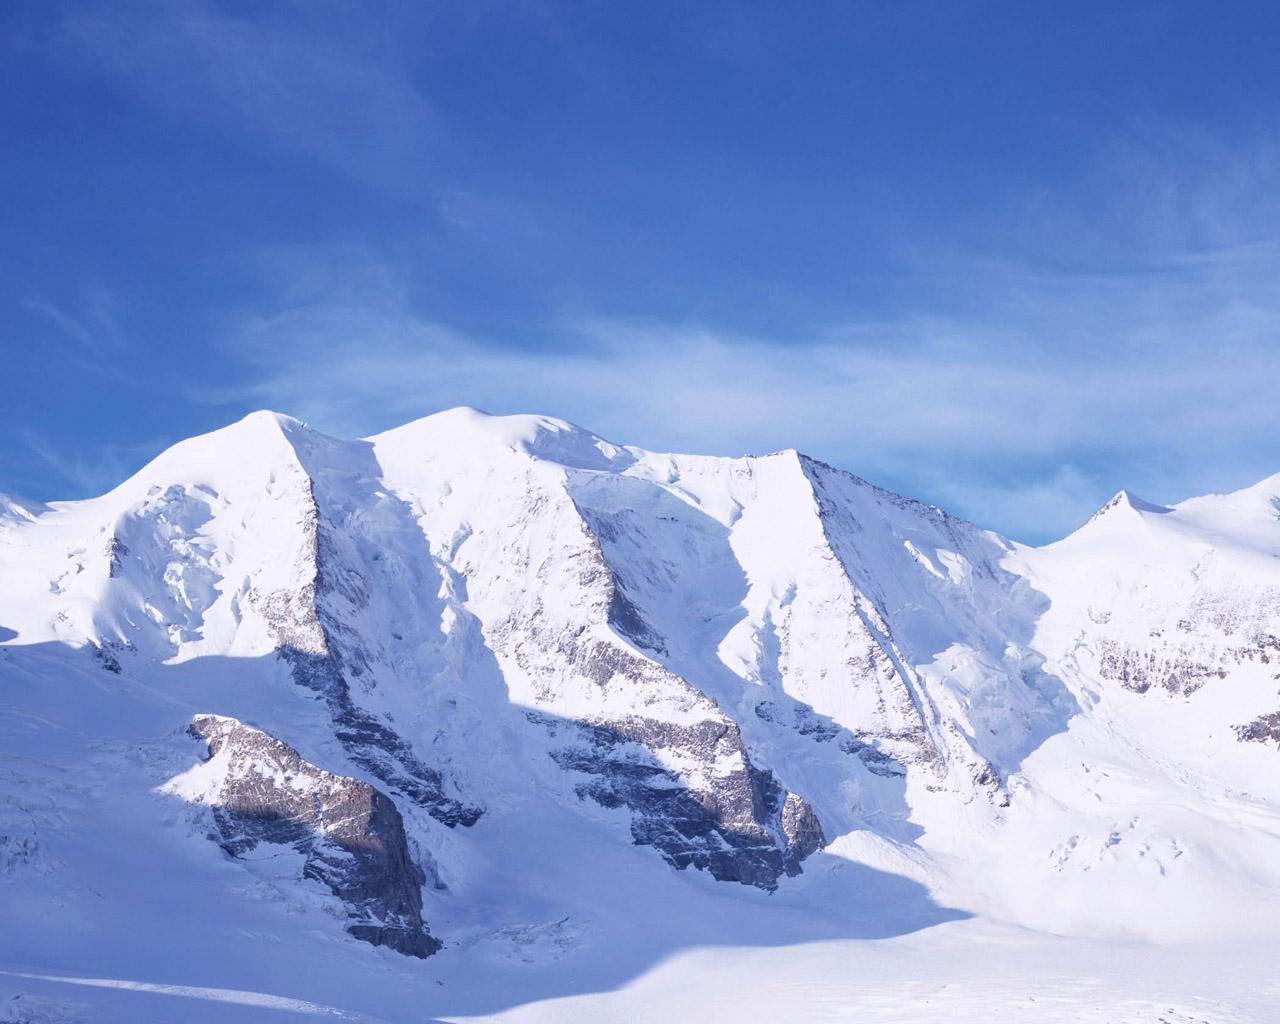 高清雪景电脑桌面壁纸图片